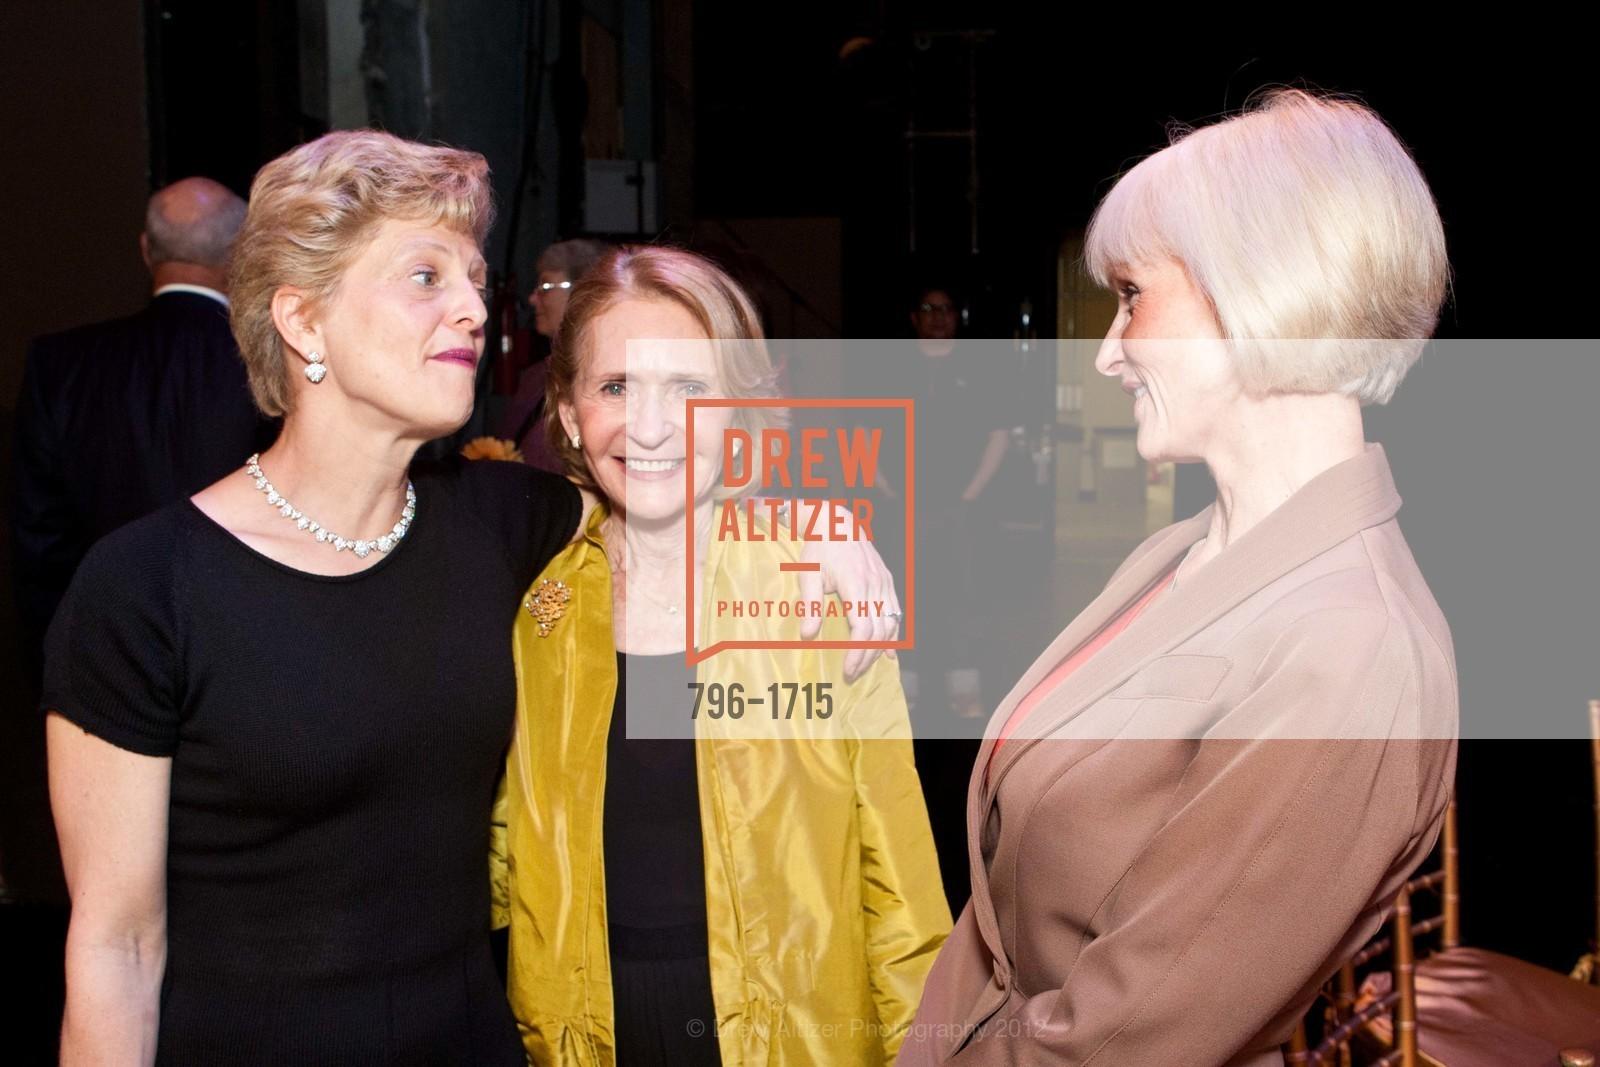 Carey Perloff, Ruth Stein, Chris Mattison, Photo #796-1715